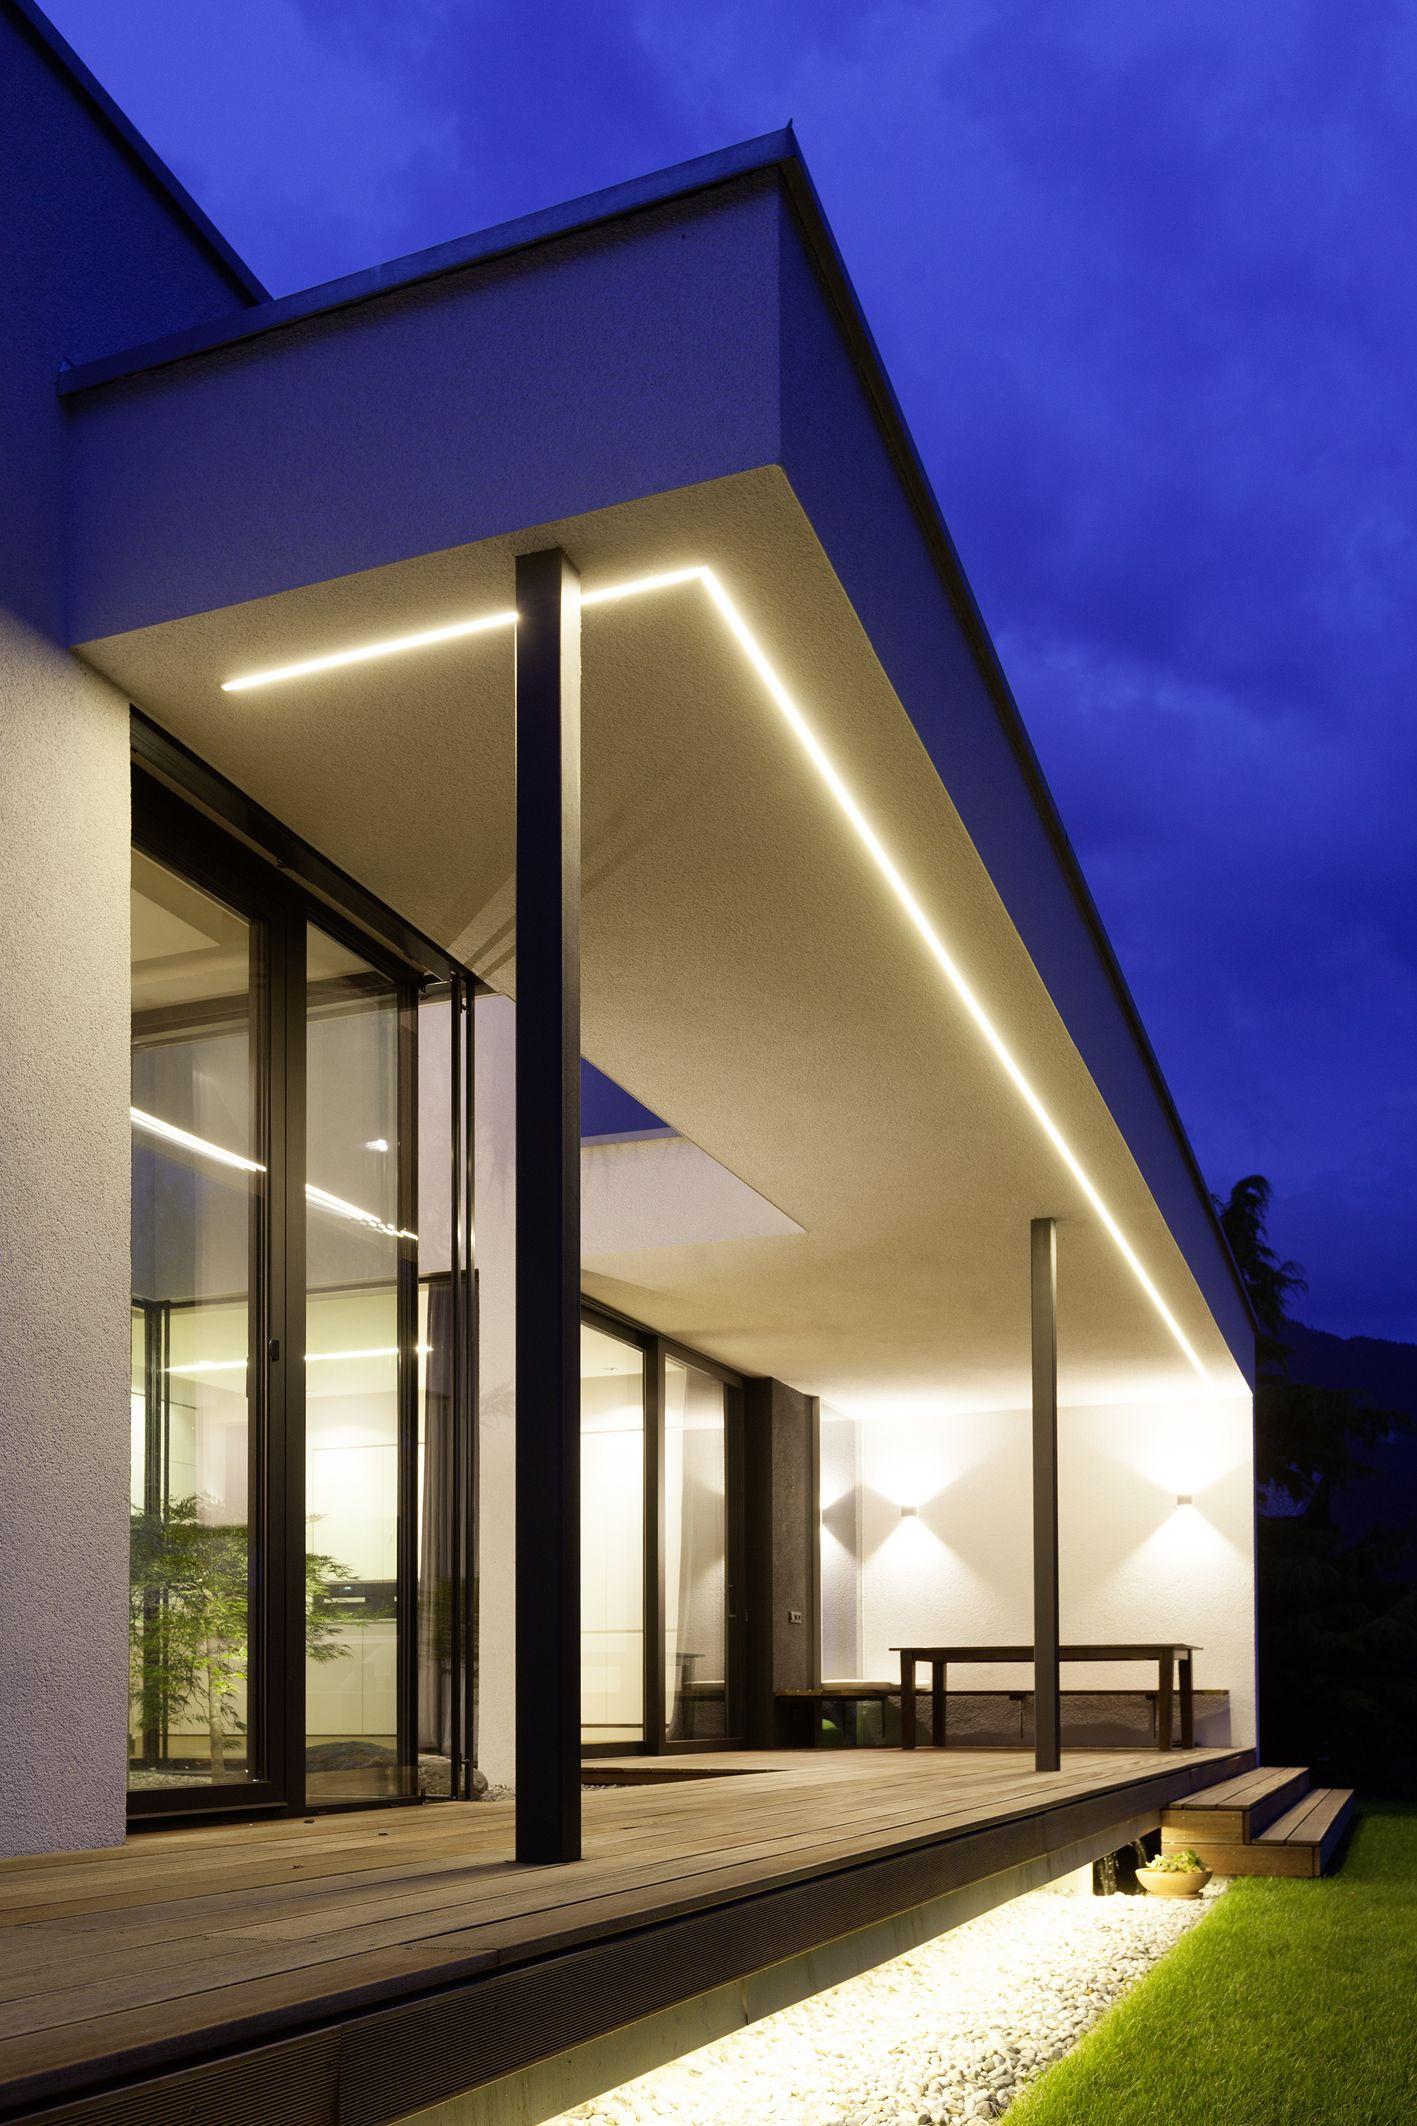 Terrassenuberdachung Mit Led Beleuchtung Haus In Telfs 2 Haus